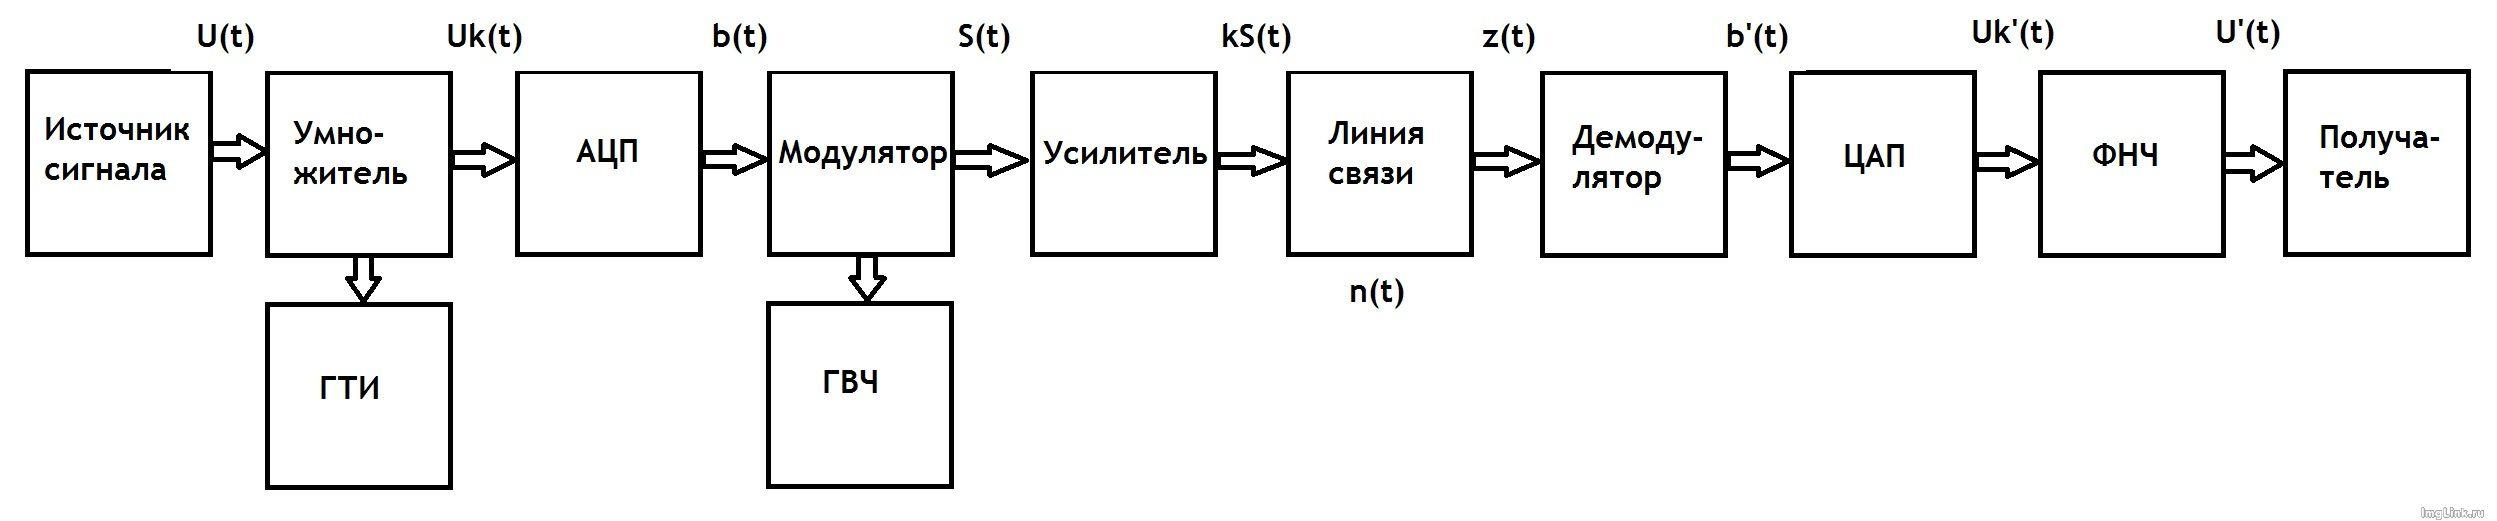 Схема 7 класс простейшие